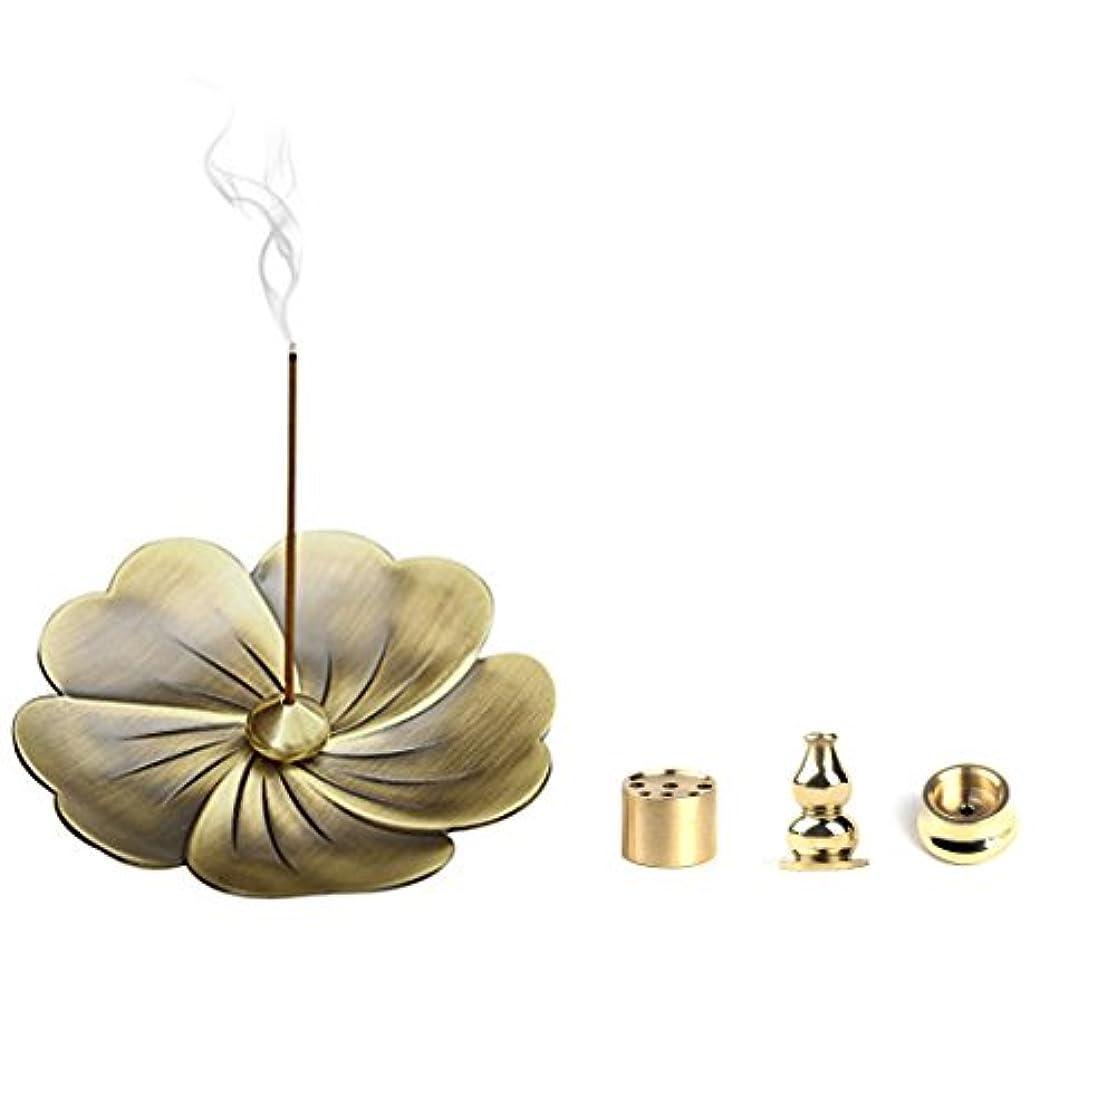 運賃鍔ネットalasidaブロンズSakura花香炉ホルダーと4スタイルBrass Incense Holder forスティック、コーン、コイルIncense Ashキャッチャー香炉ギフトセット